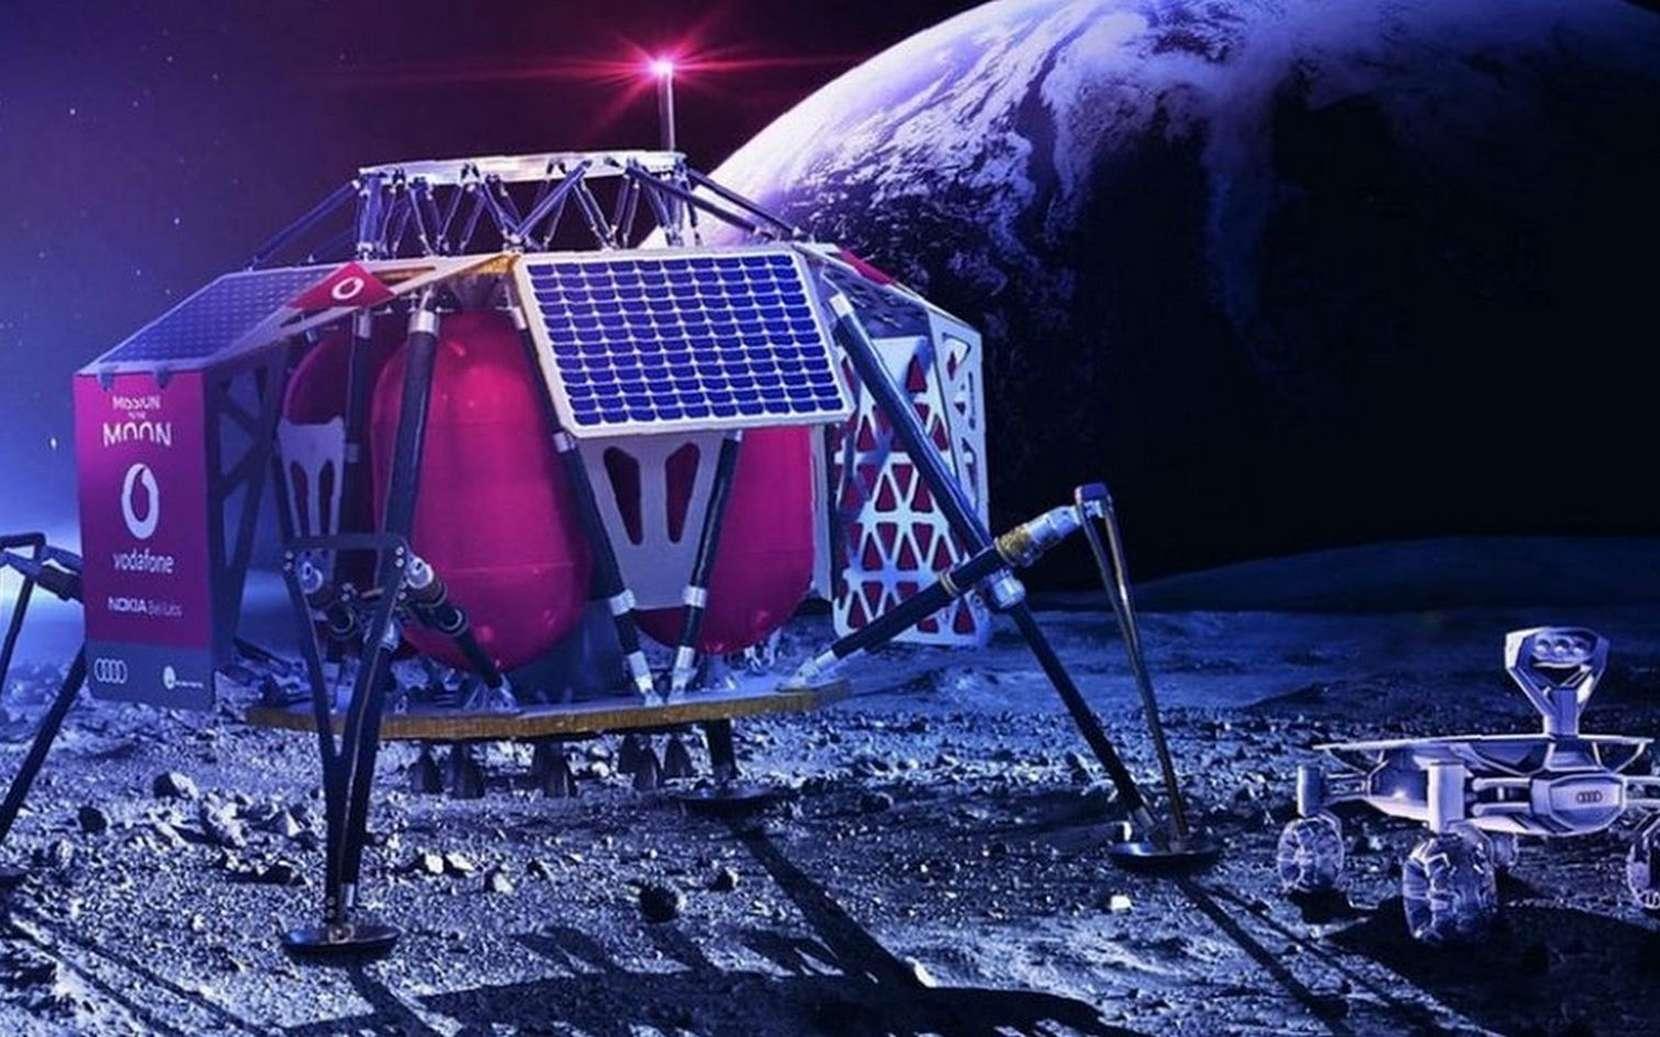 Le module lunaire Alina intègrera la station de base qui établira une connexion cellulaire 4G avec les deux rovers Audi qui iront explorer la Lune et renverront des images en haute définition. © Vodafone